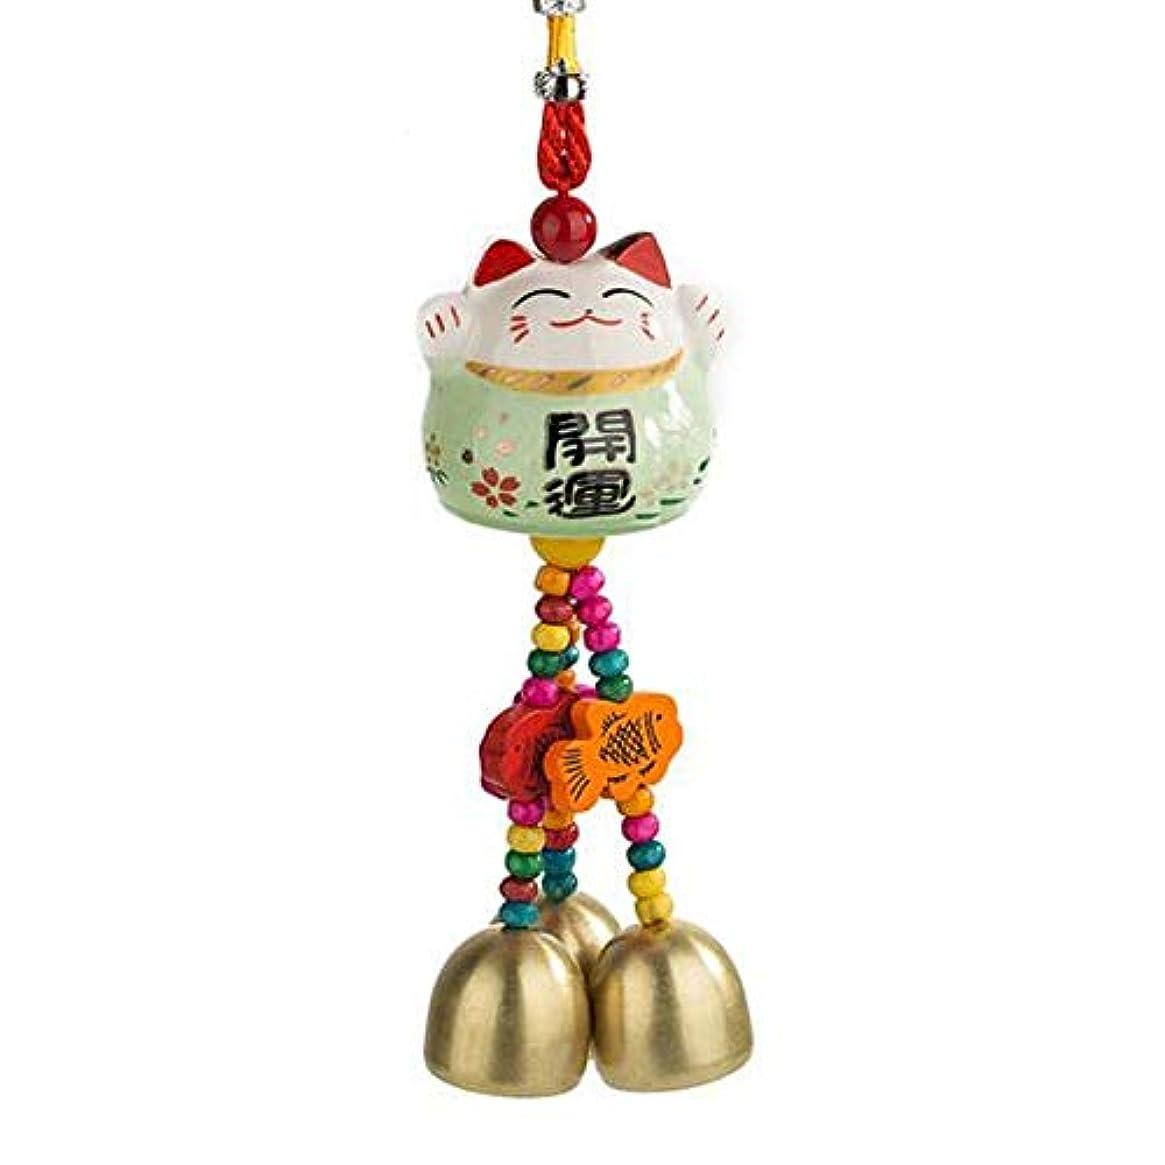 エミュレーションシャツ浮くJielongtongxun 風チャイム、かわいいクリエイティブセラミック猫風の鐘、グリーン、長い28センチメートル,絶妙な飾り (Color : Green)